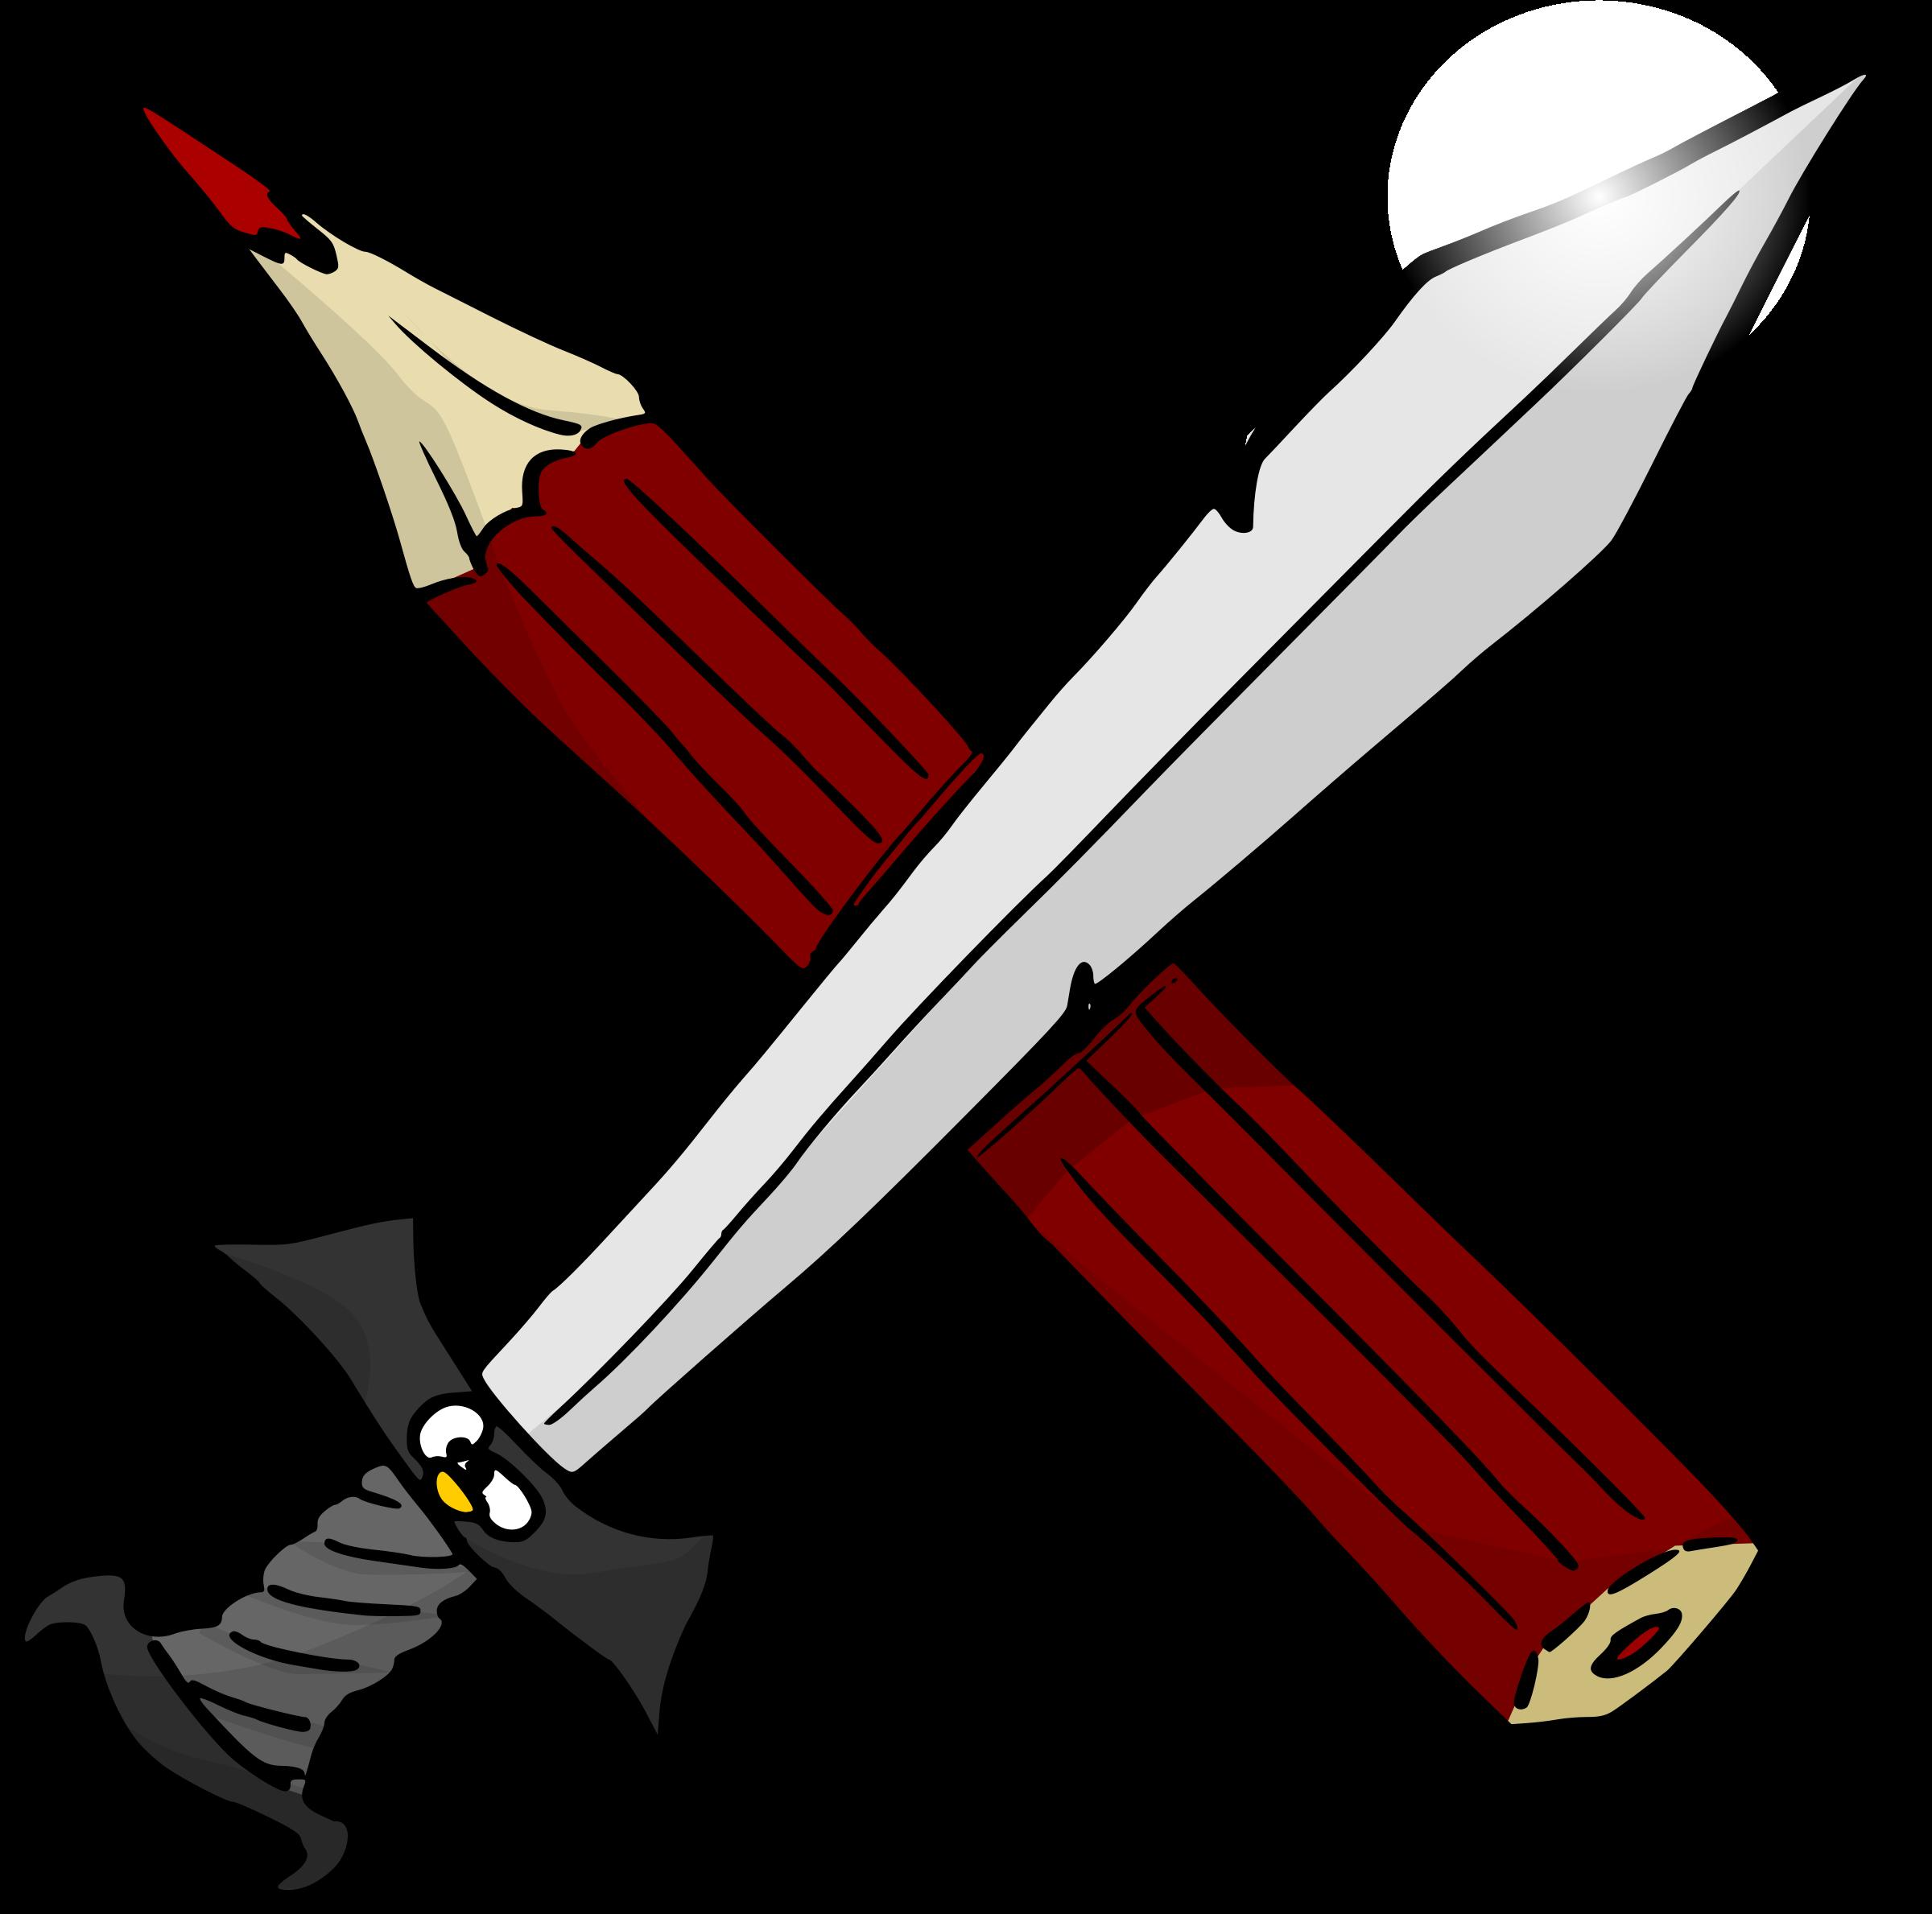 Warrior clipart sword clipart. And pencil big image